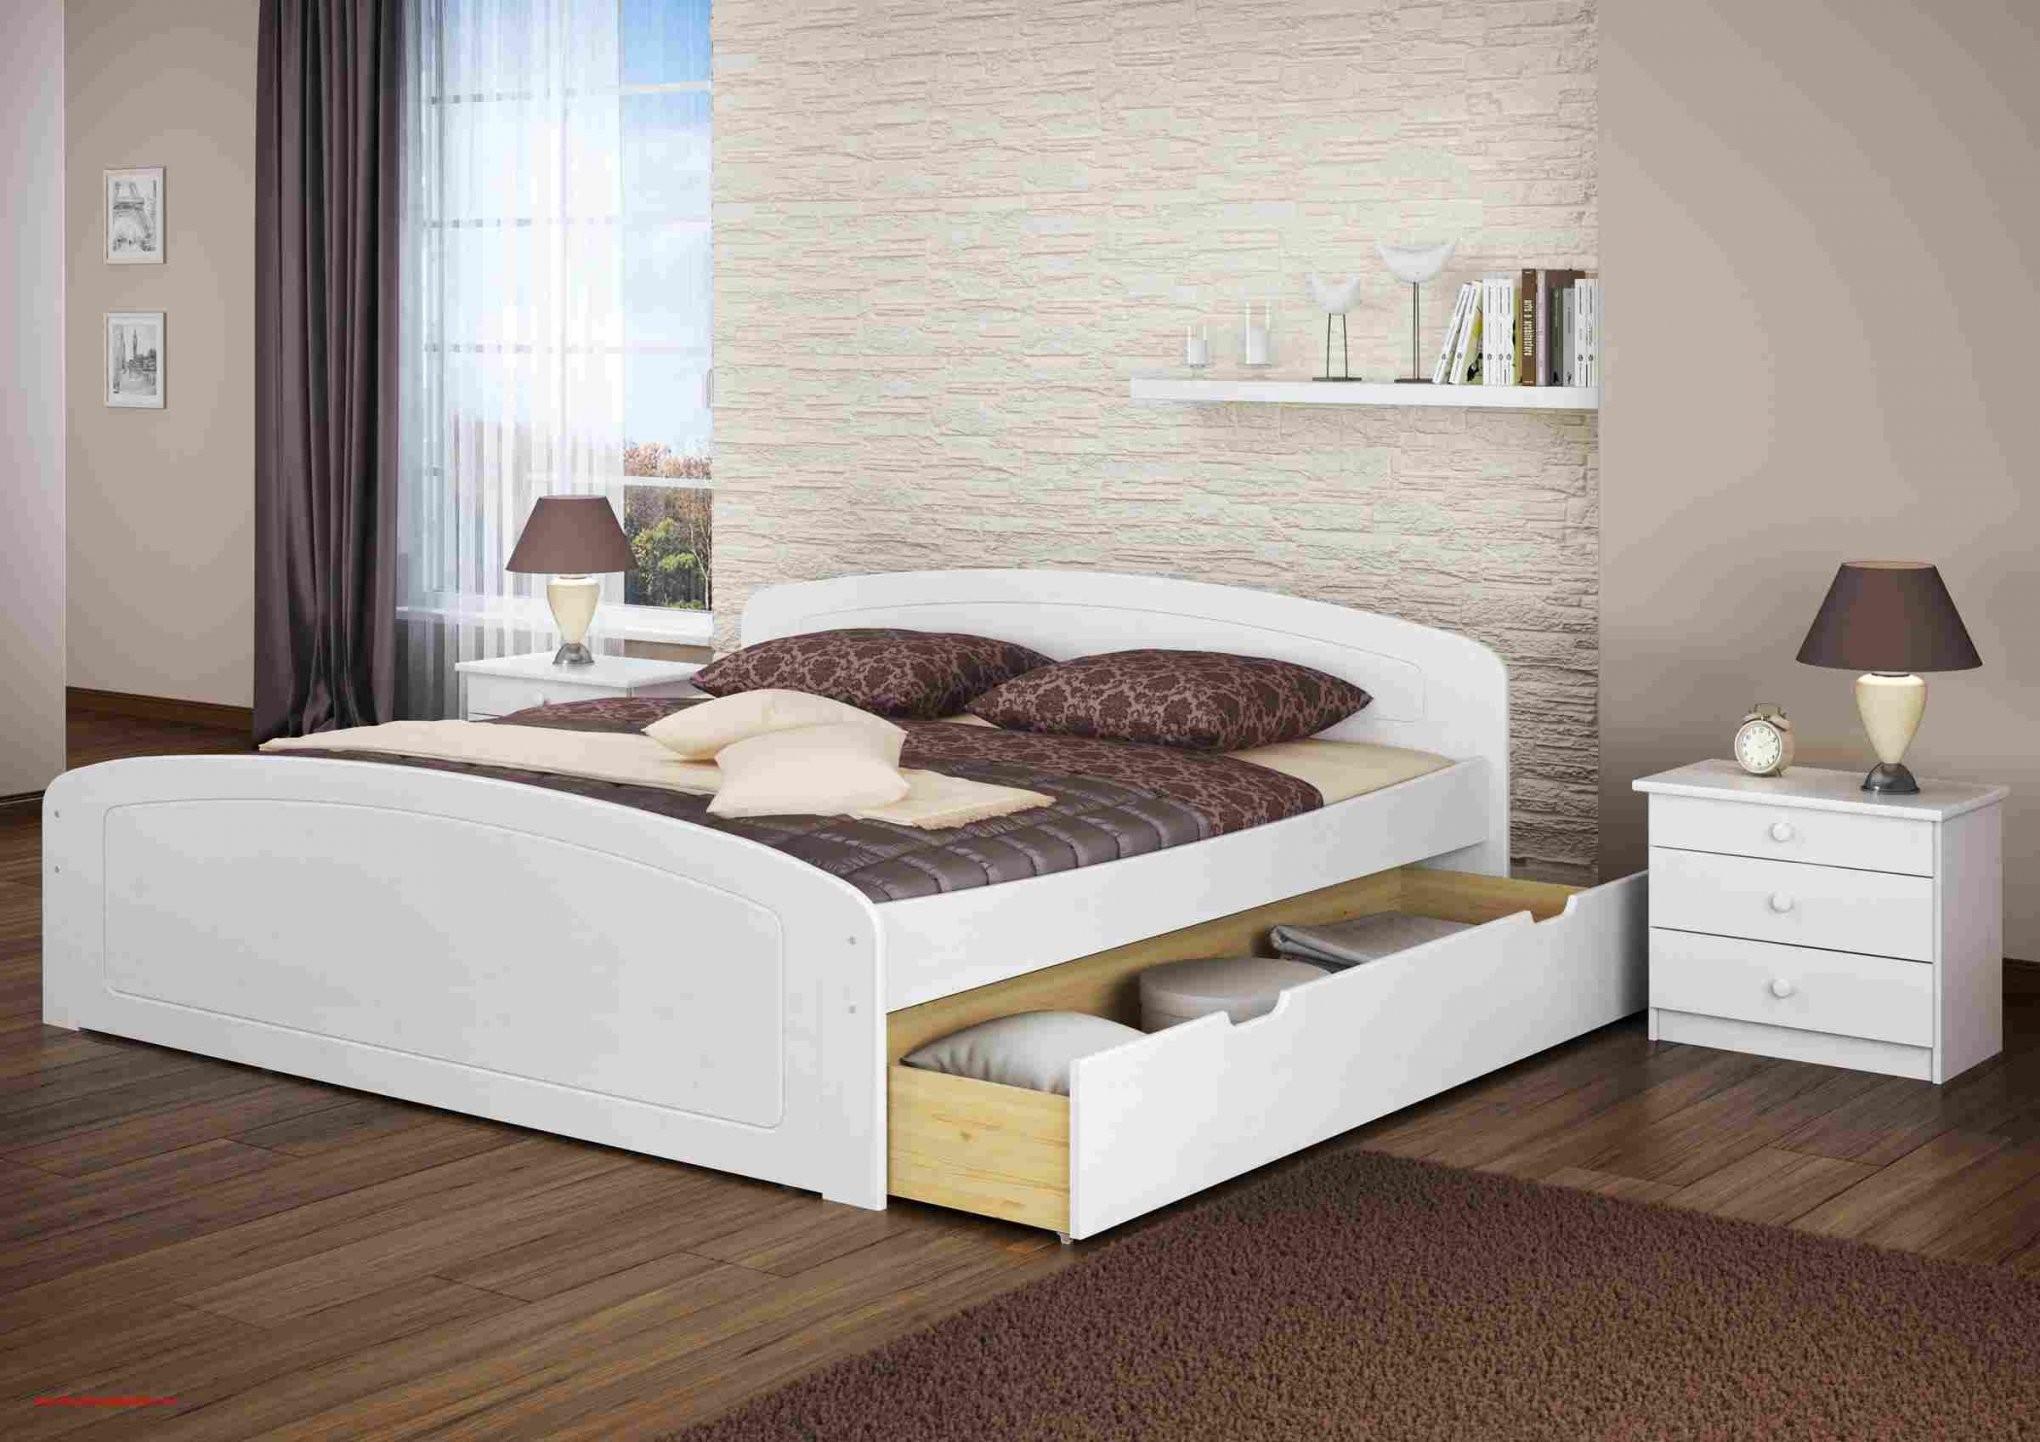 Inside Bett 200X200 Mit Matratze Und Lattenrost Awesome von Bett Mit Matratze Und Lattenrost 200X200 Photo